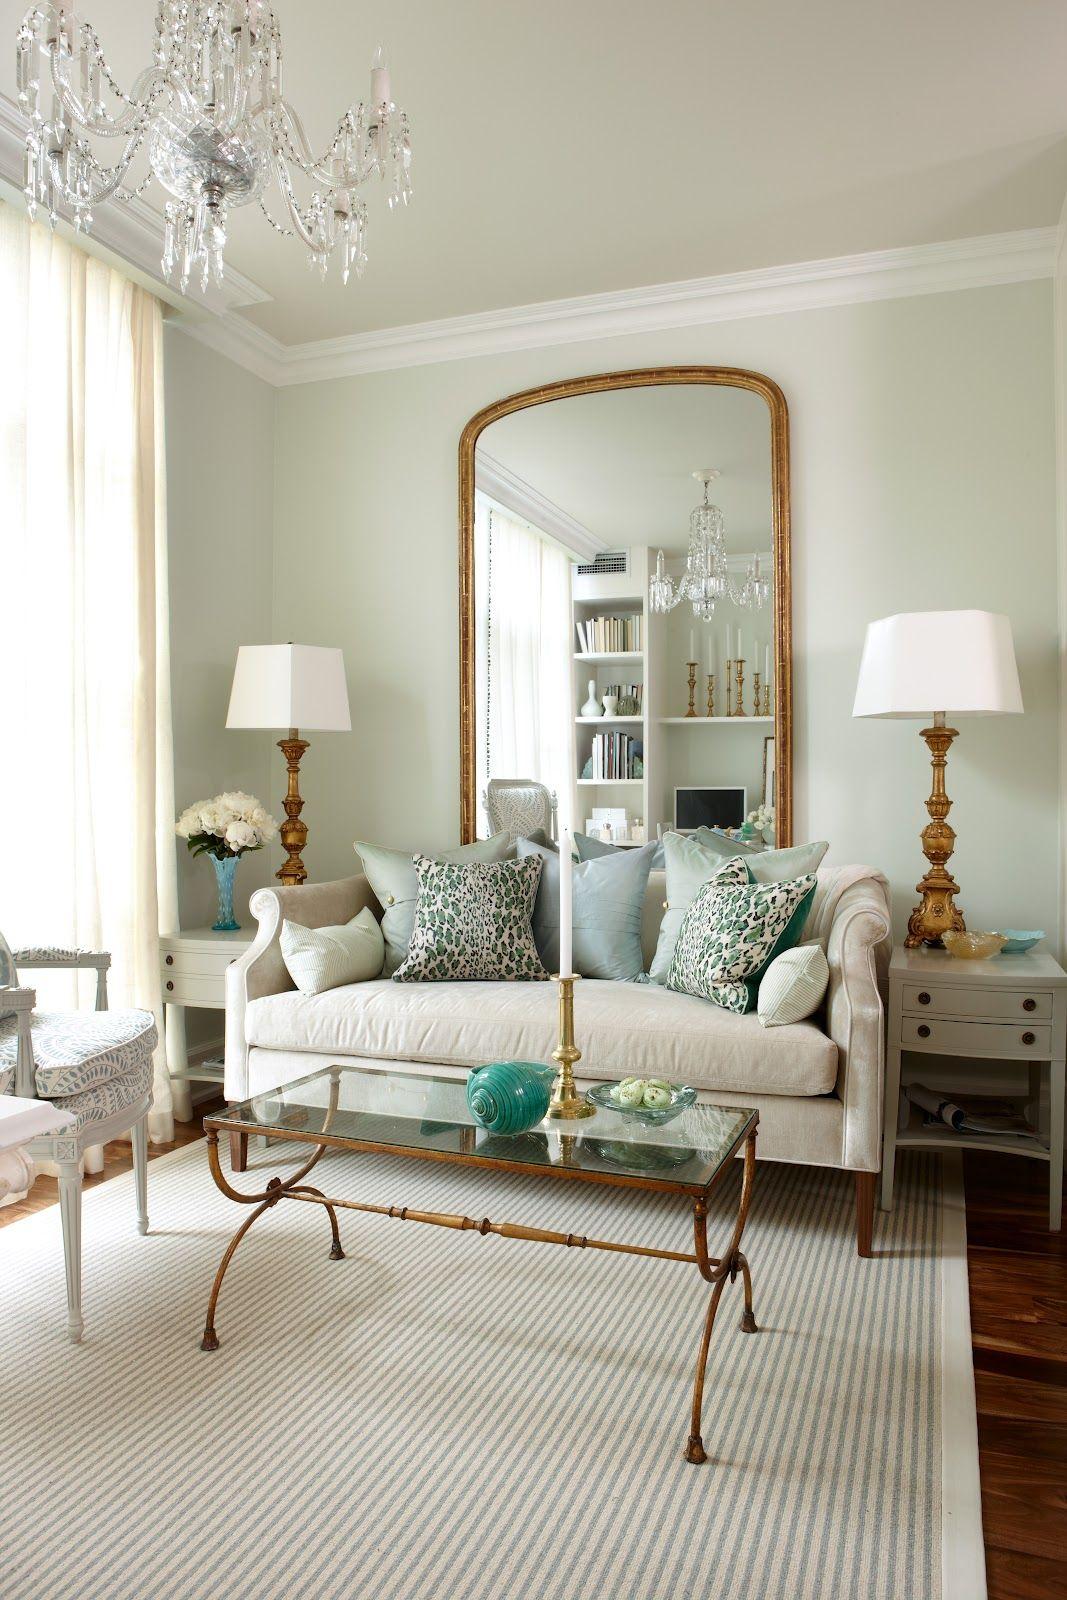 Socle de plafond - décoration décorative de la pièce